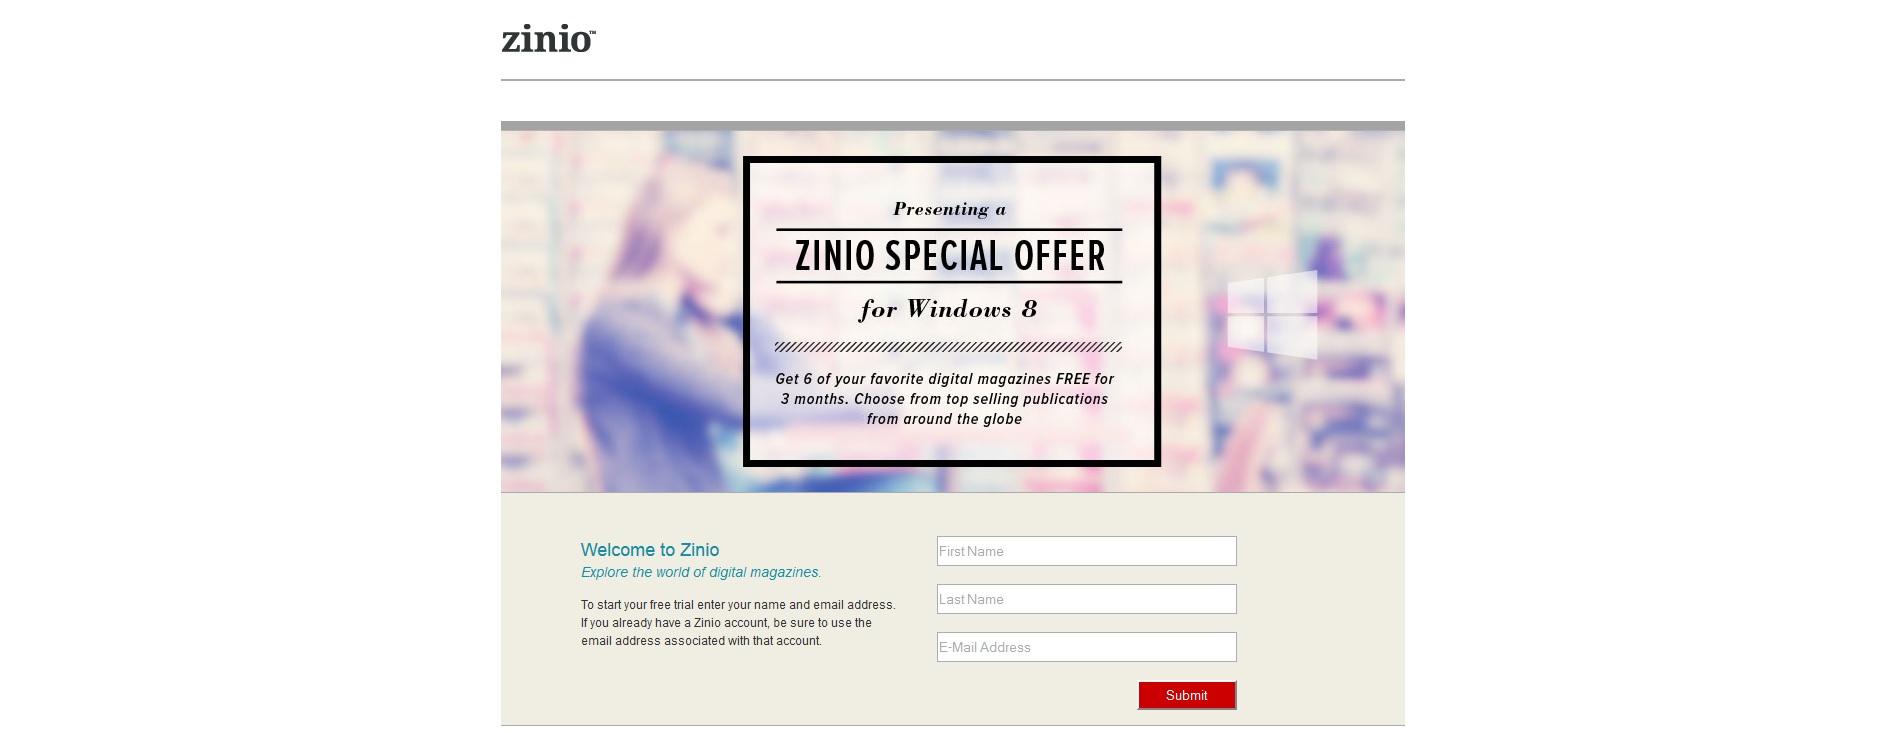 zinio_windows8.1